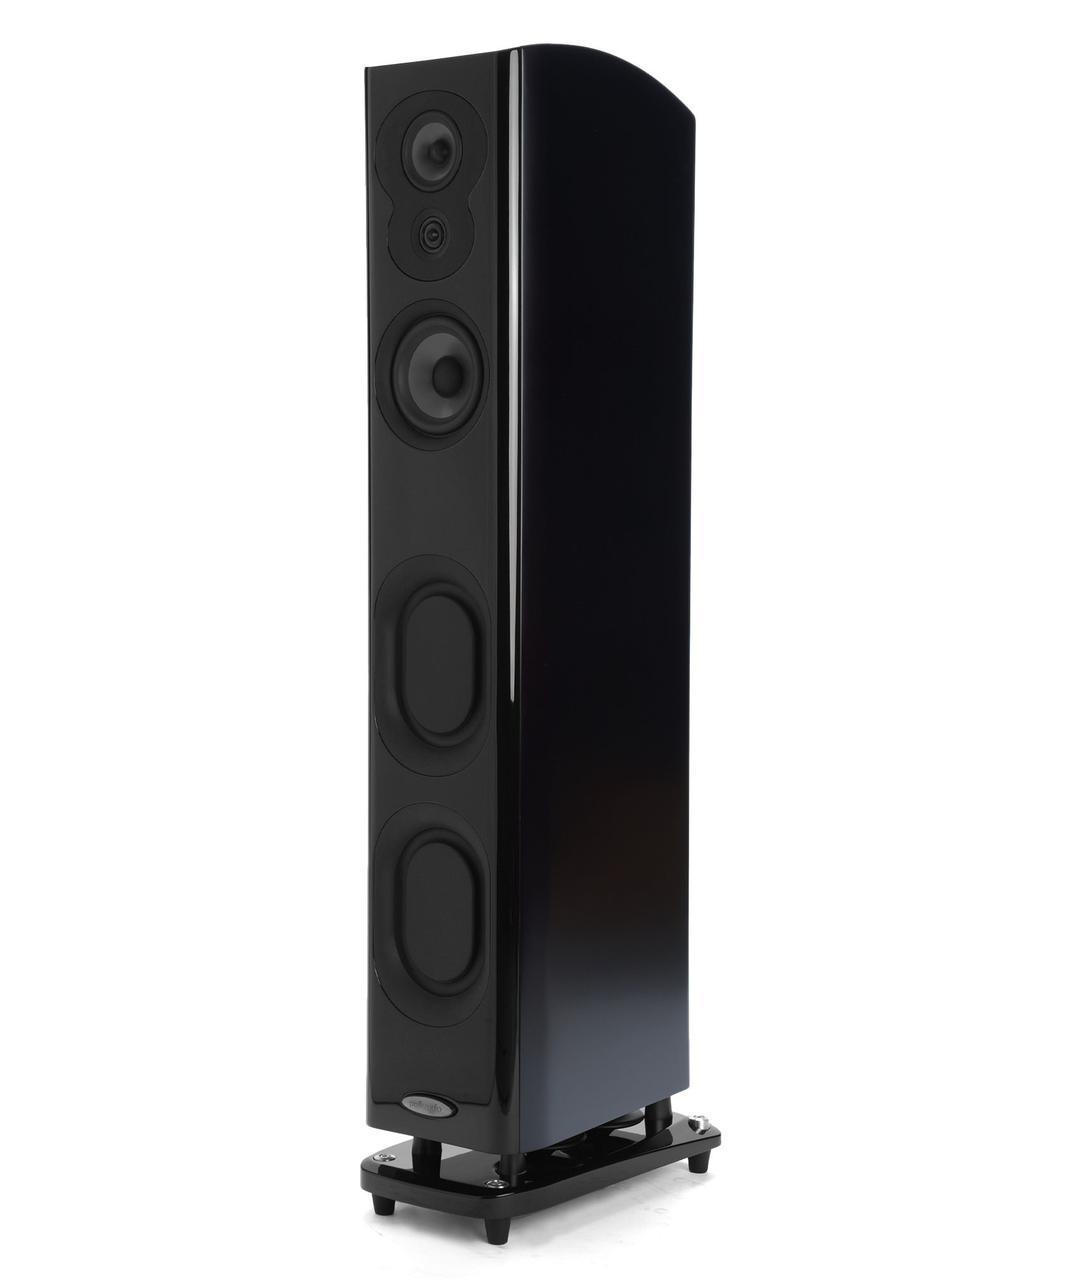 Акустика напольная фронтальная монополярная, четырехполосная, пассивная, фазоинверторная Polk Audio LSiM705, 8